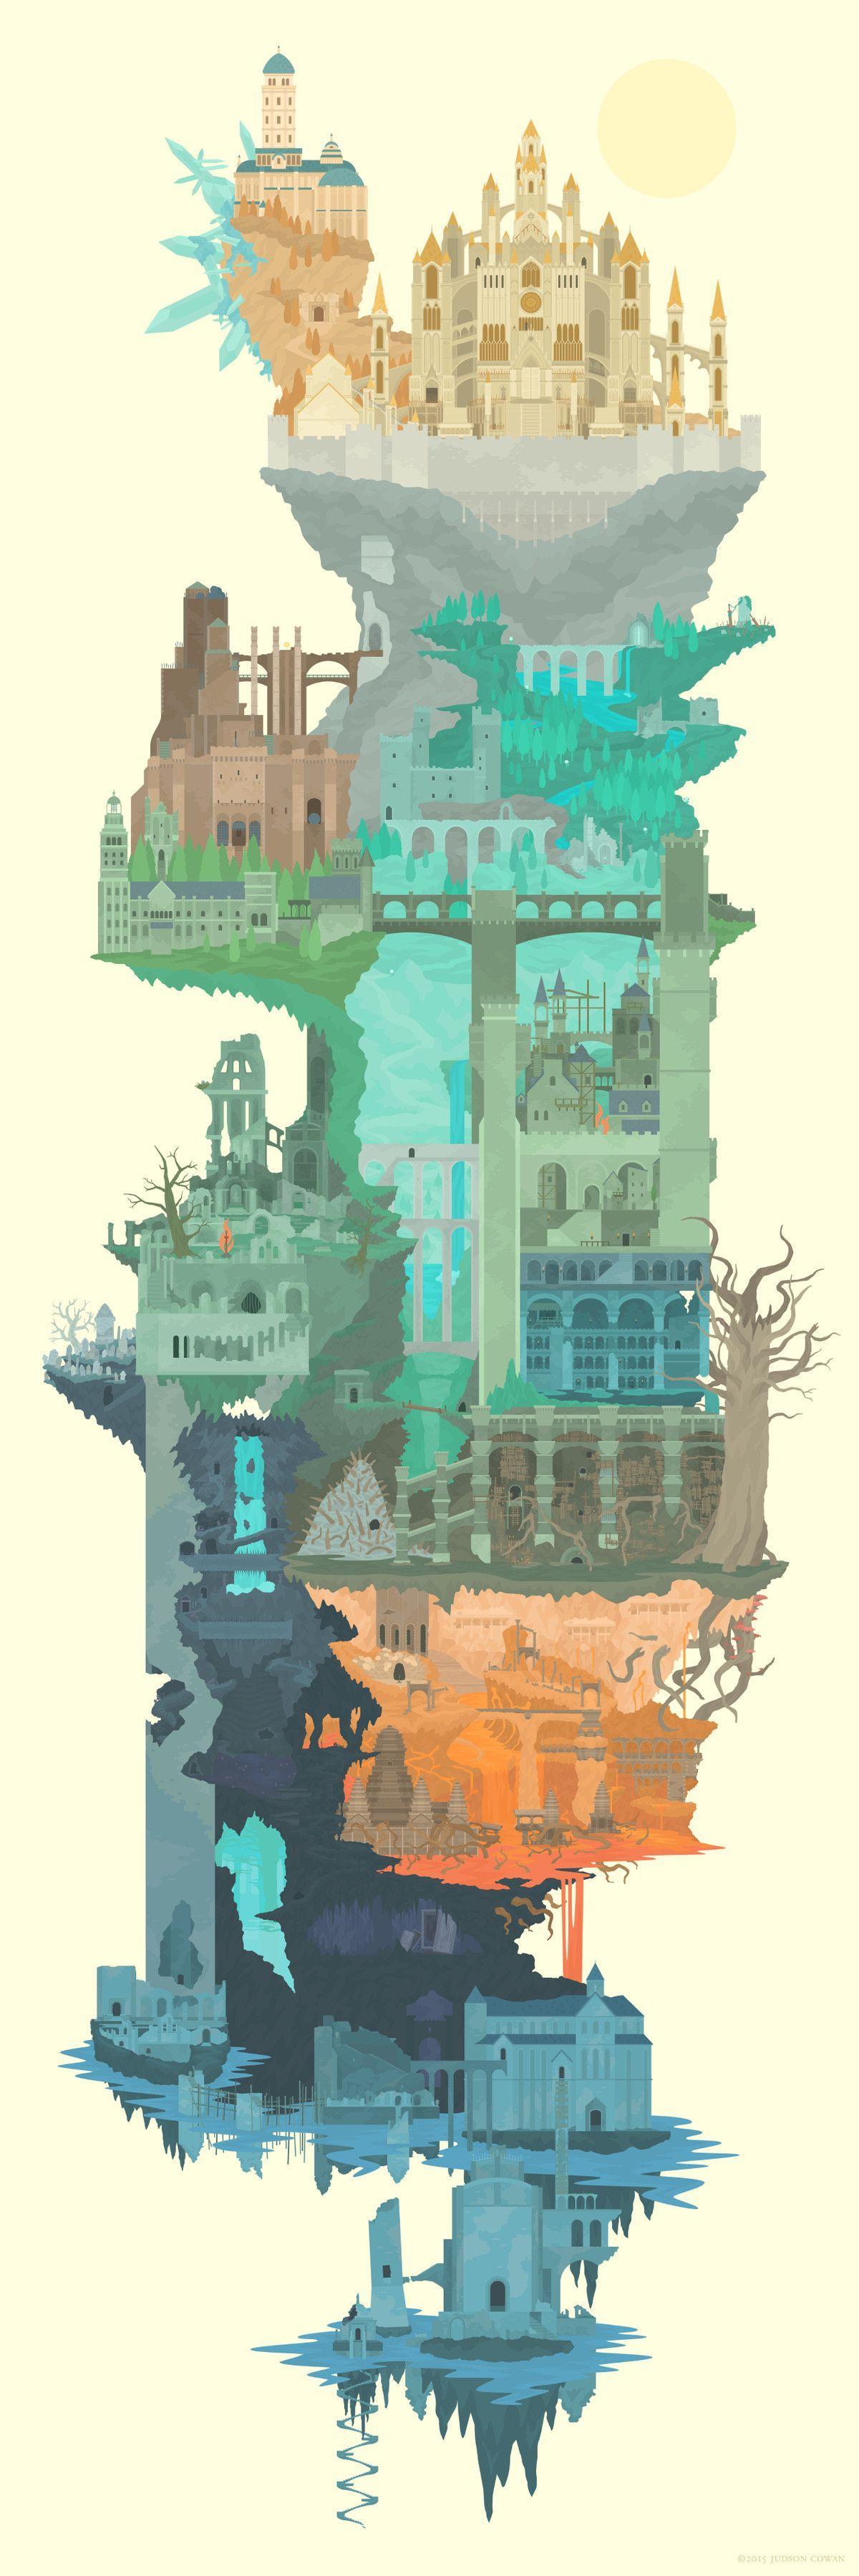 Dark Souls Map Wallpapers Top Free Dark Souls Map